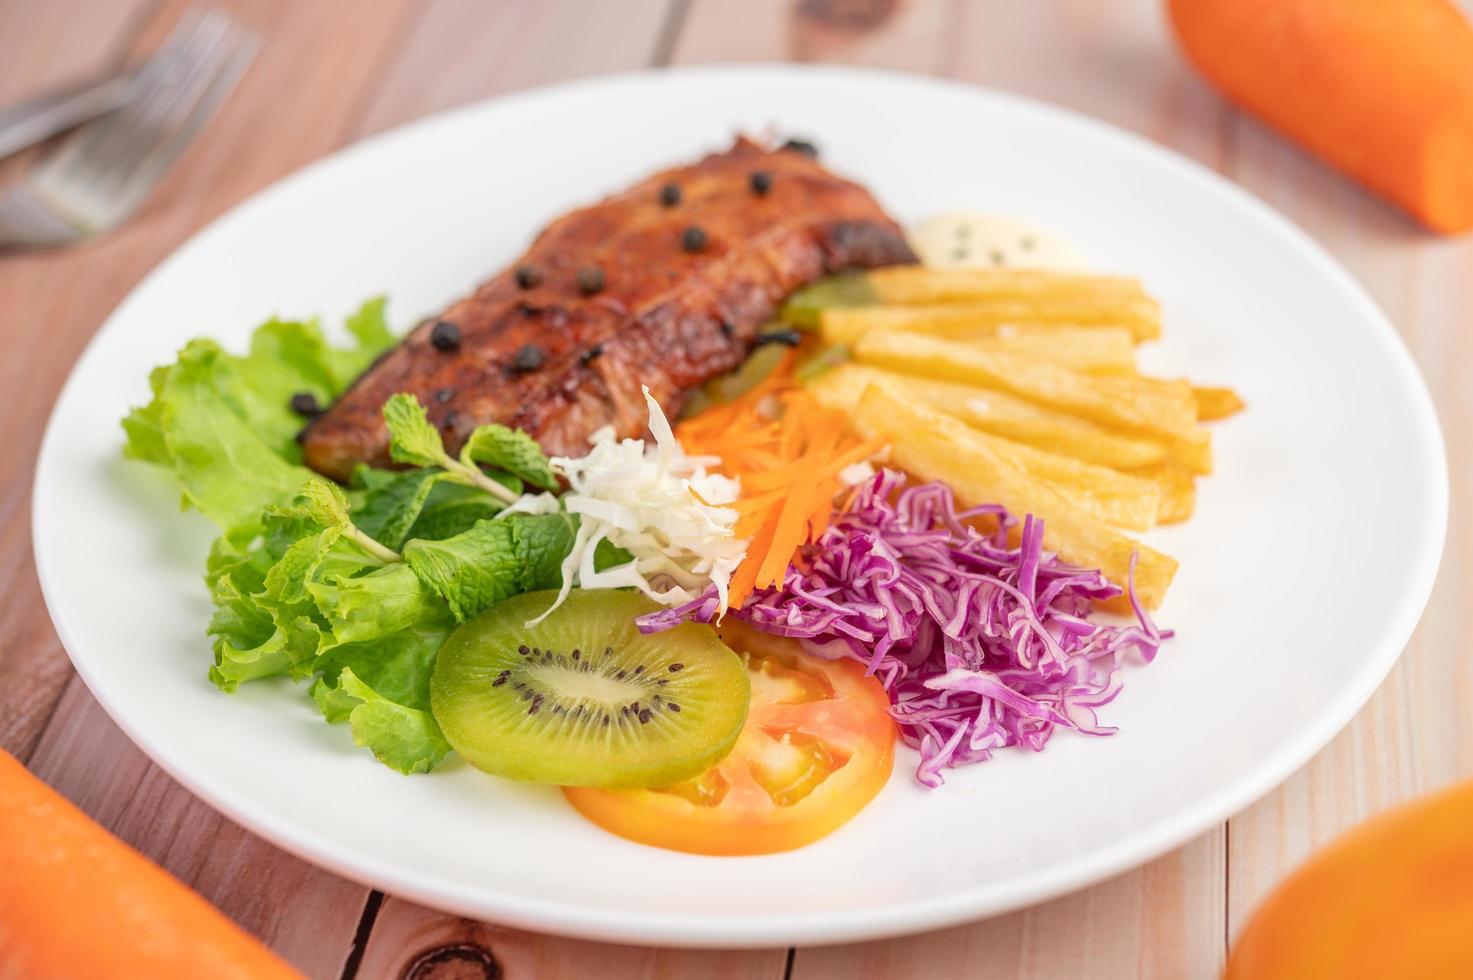 bife de peixe com batata frita e salada foto